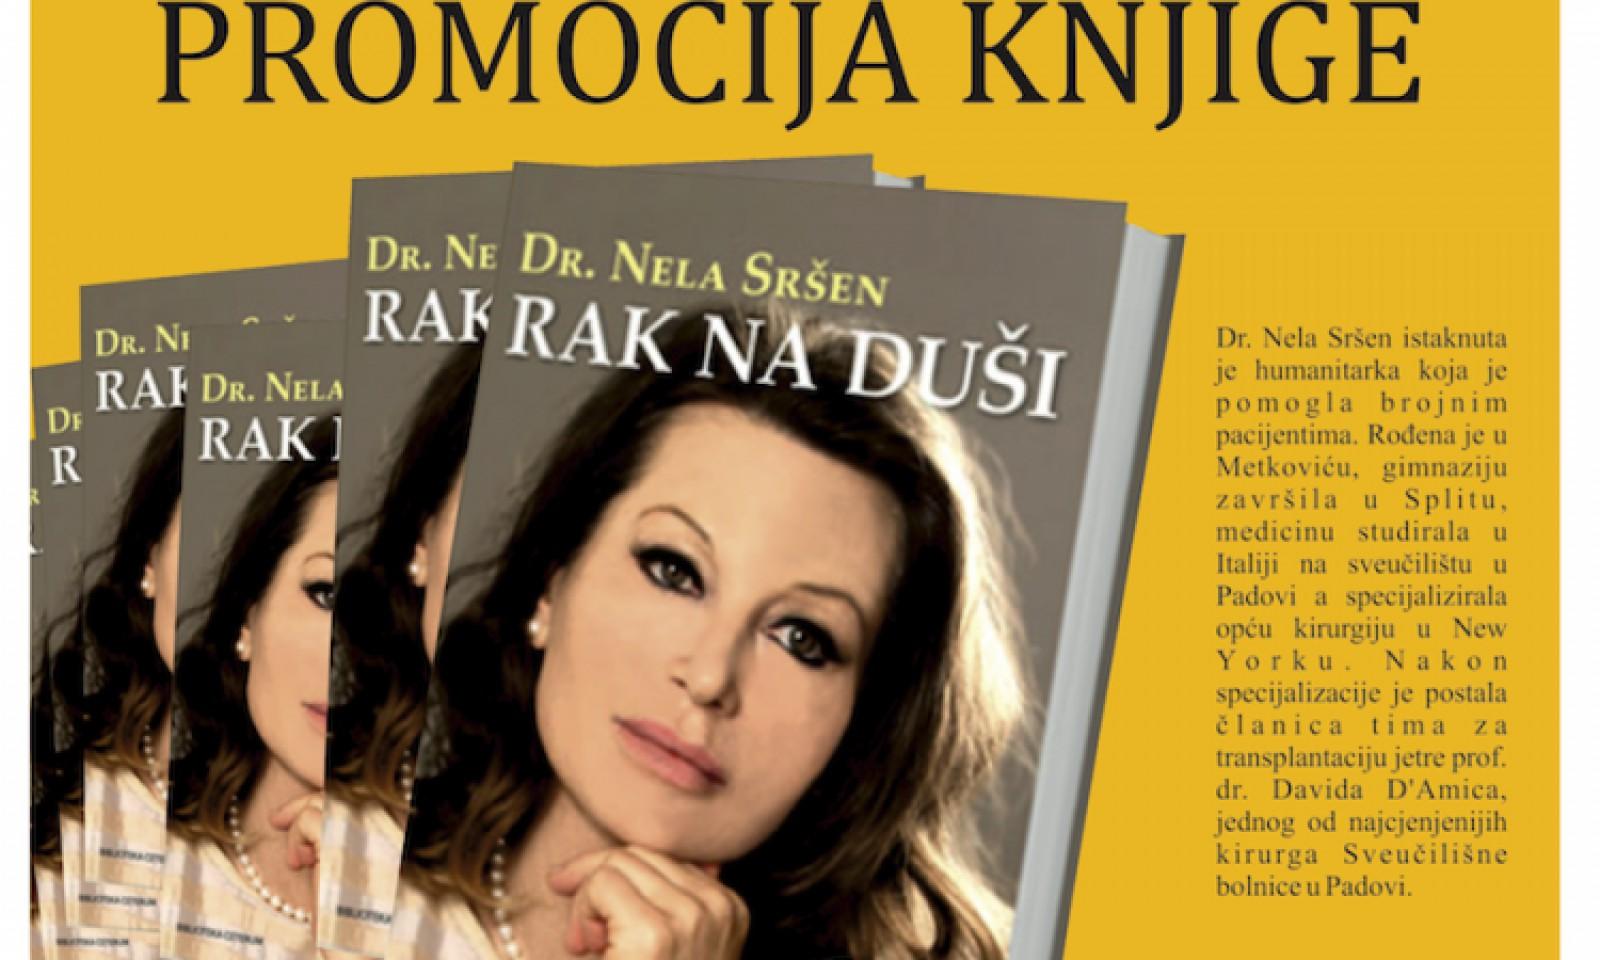 """Promocija knjige """"Rak na duši"""" dr. Nele Sršen"""